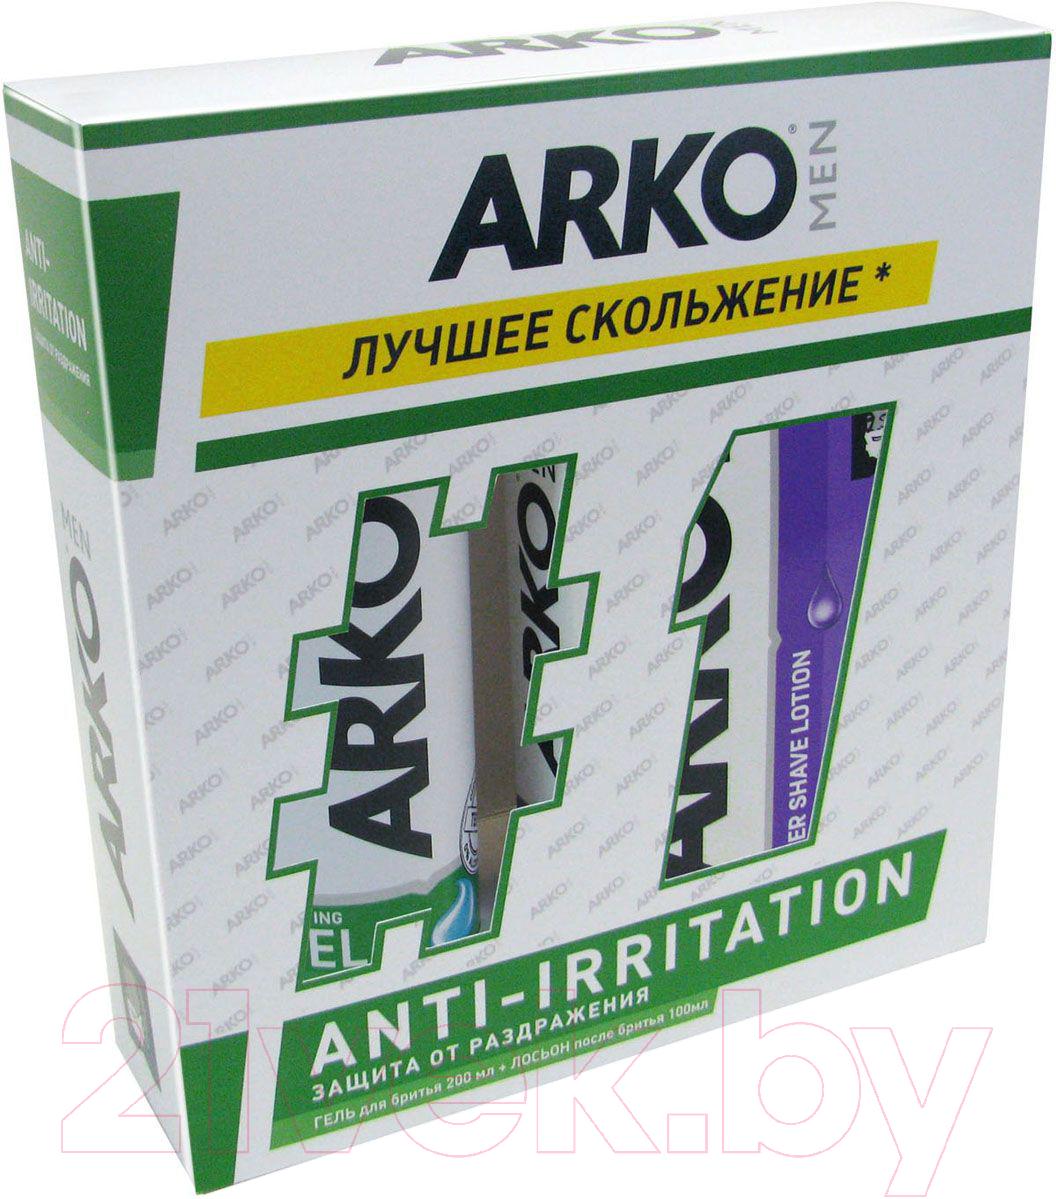 Купить Набор косметики для бритья Arko, Anti-Irritation гель для бритья 200мл+Sensitive лосьон п/б 100мл, Турция